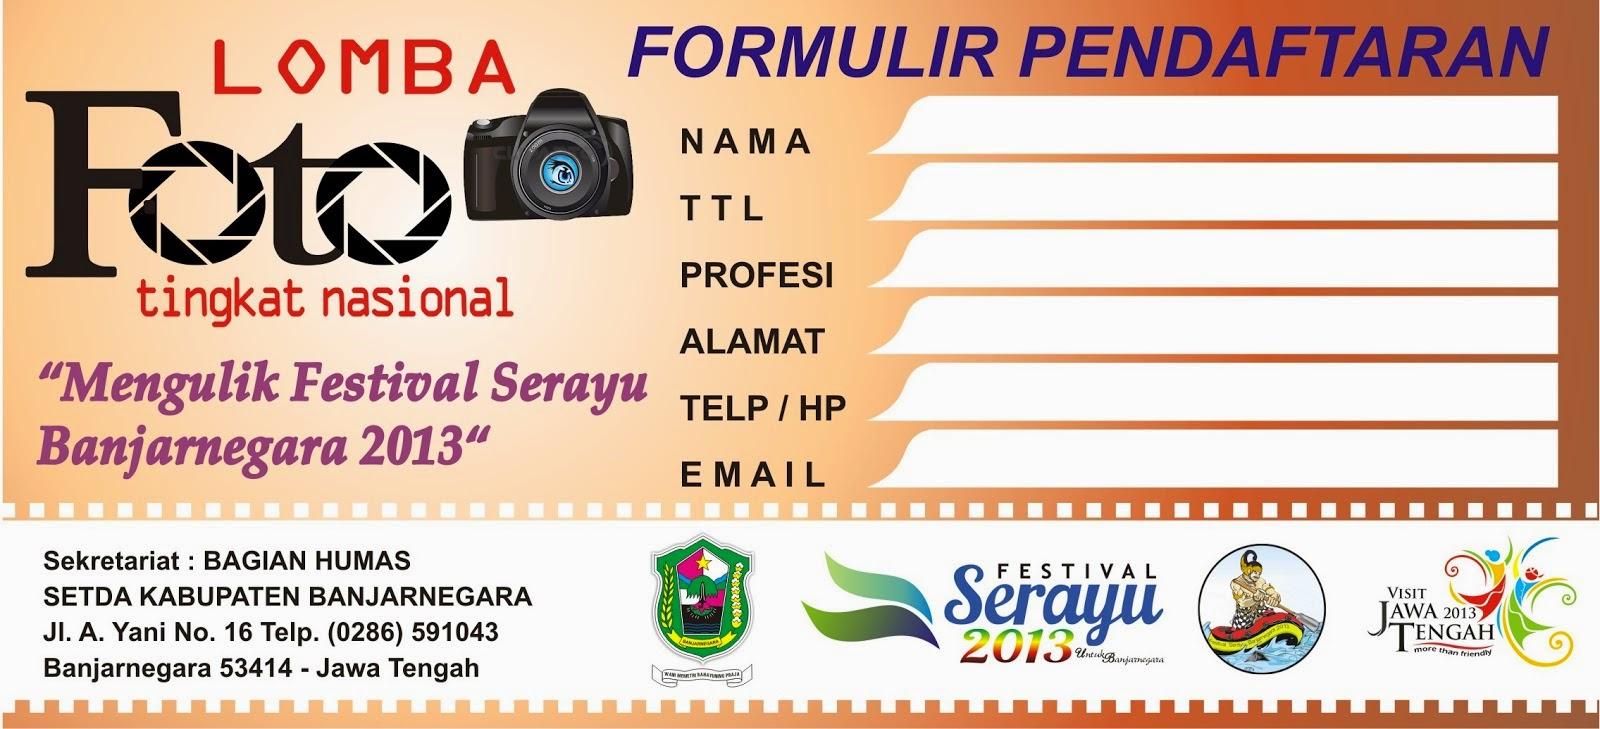 contoh formulir pendaftaran lomba tingkat nasional